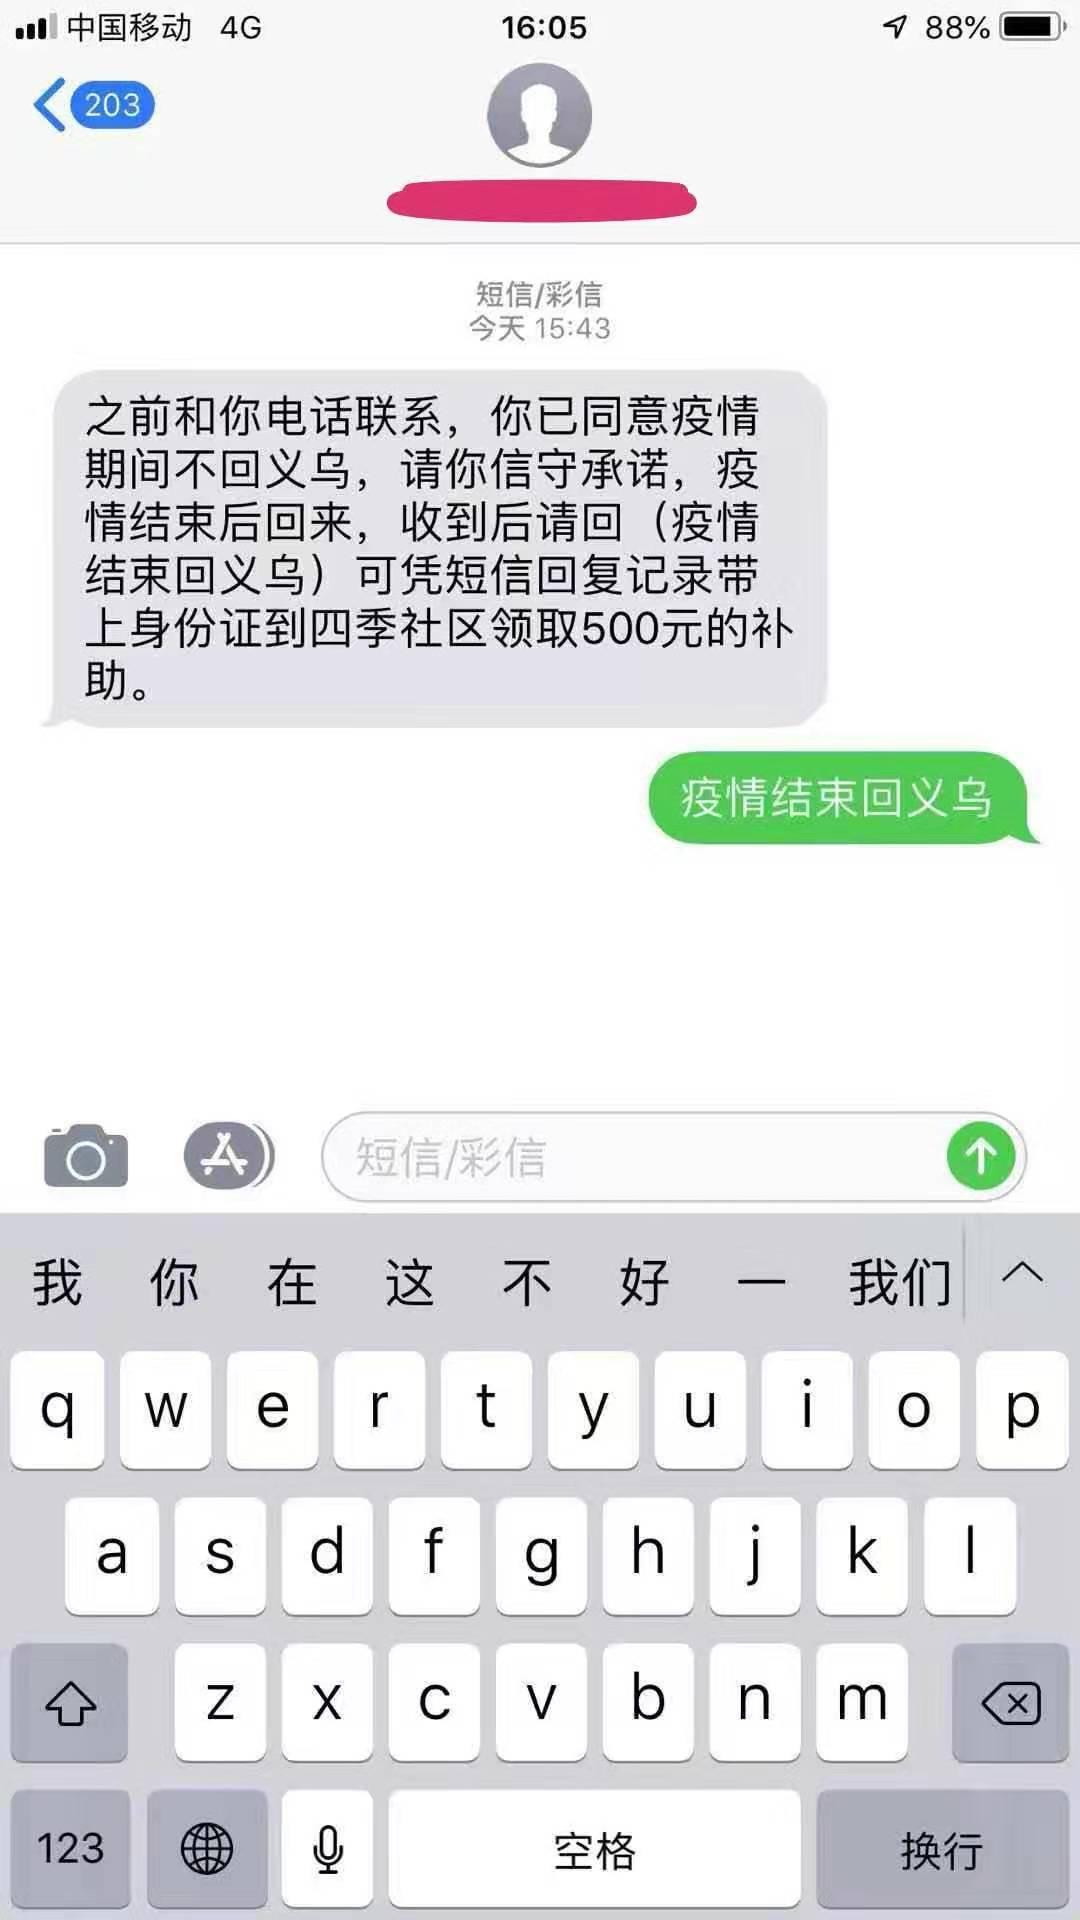 义乌劝外来人员缓返手机短信